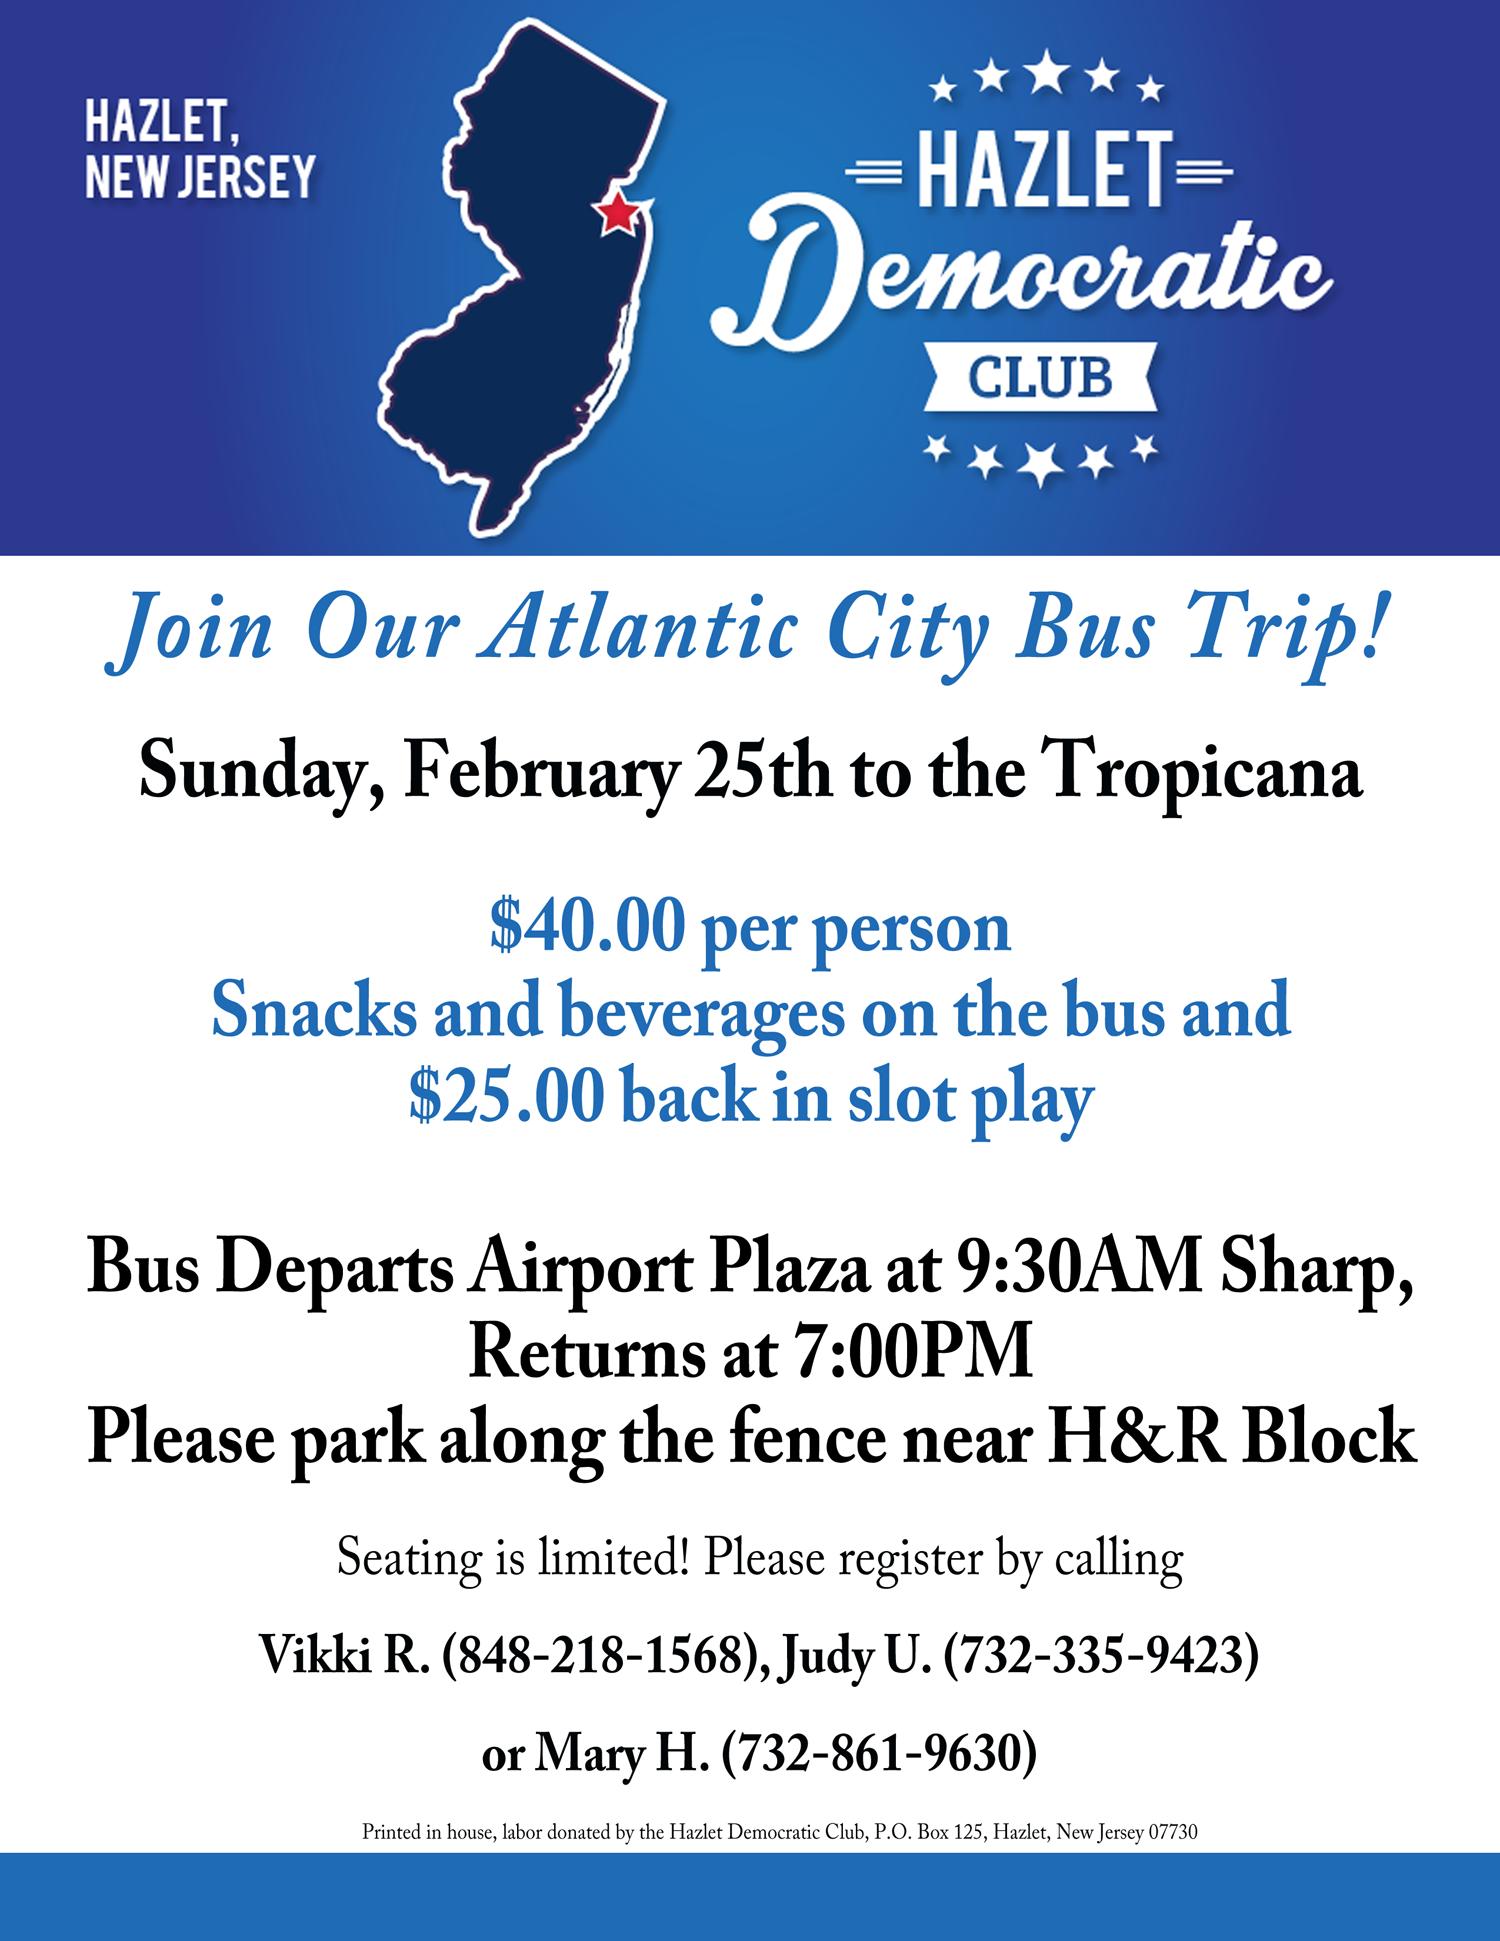 Hazlet_Dems_Atlantic_City_Bus_Trip.png